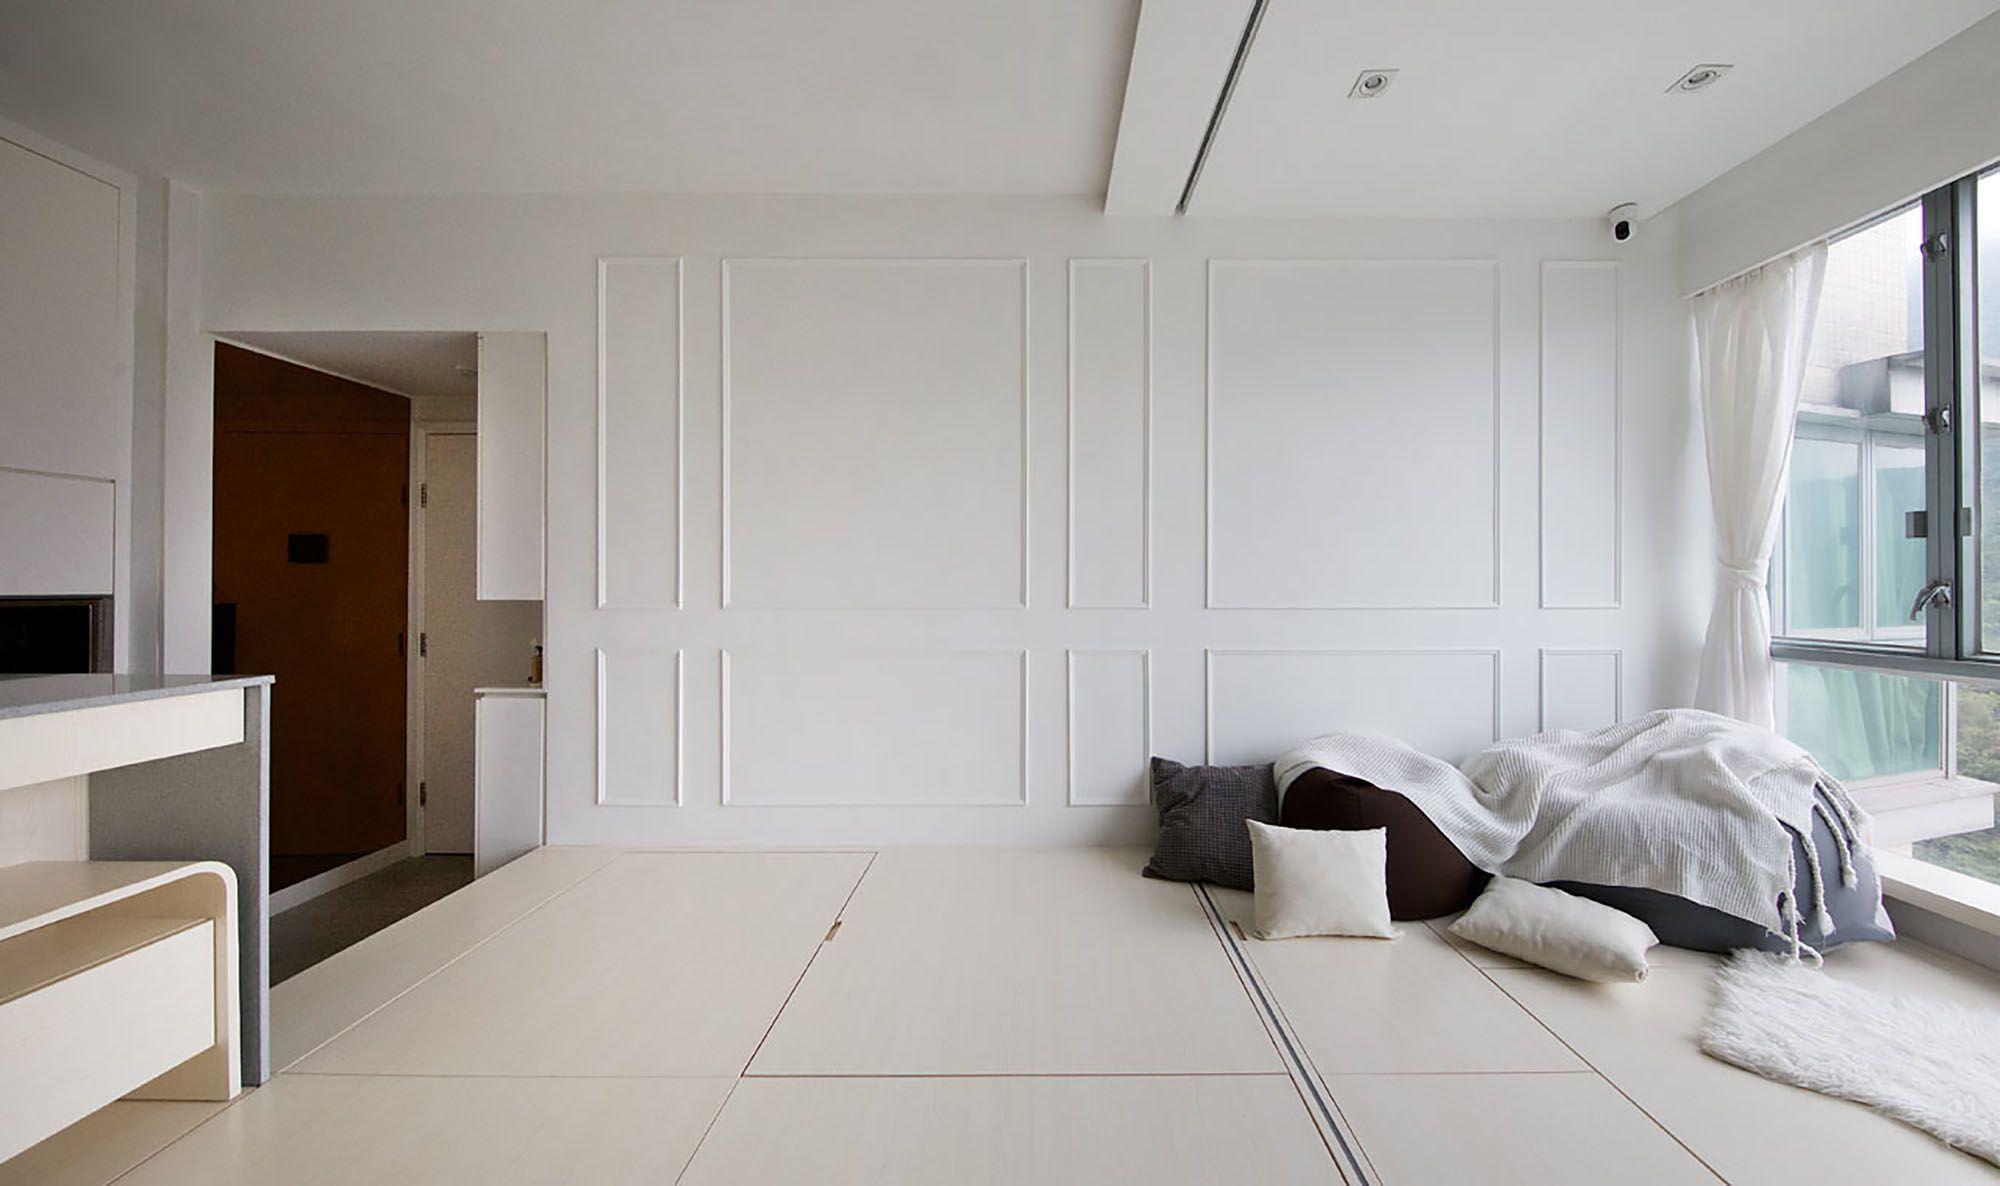 Smart Zendo micro-apartment by Sim-Plex Design Studio interior